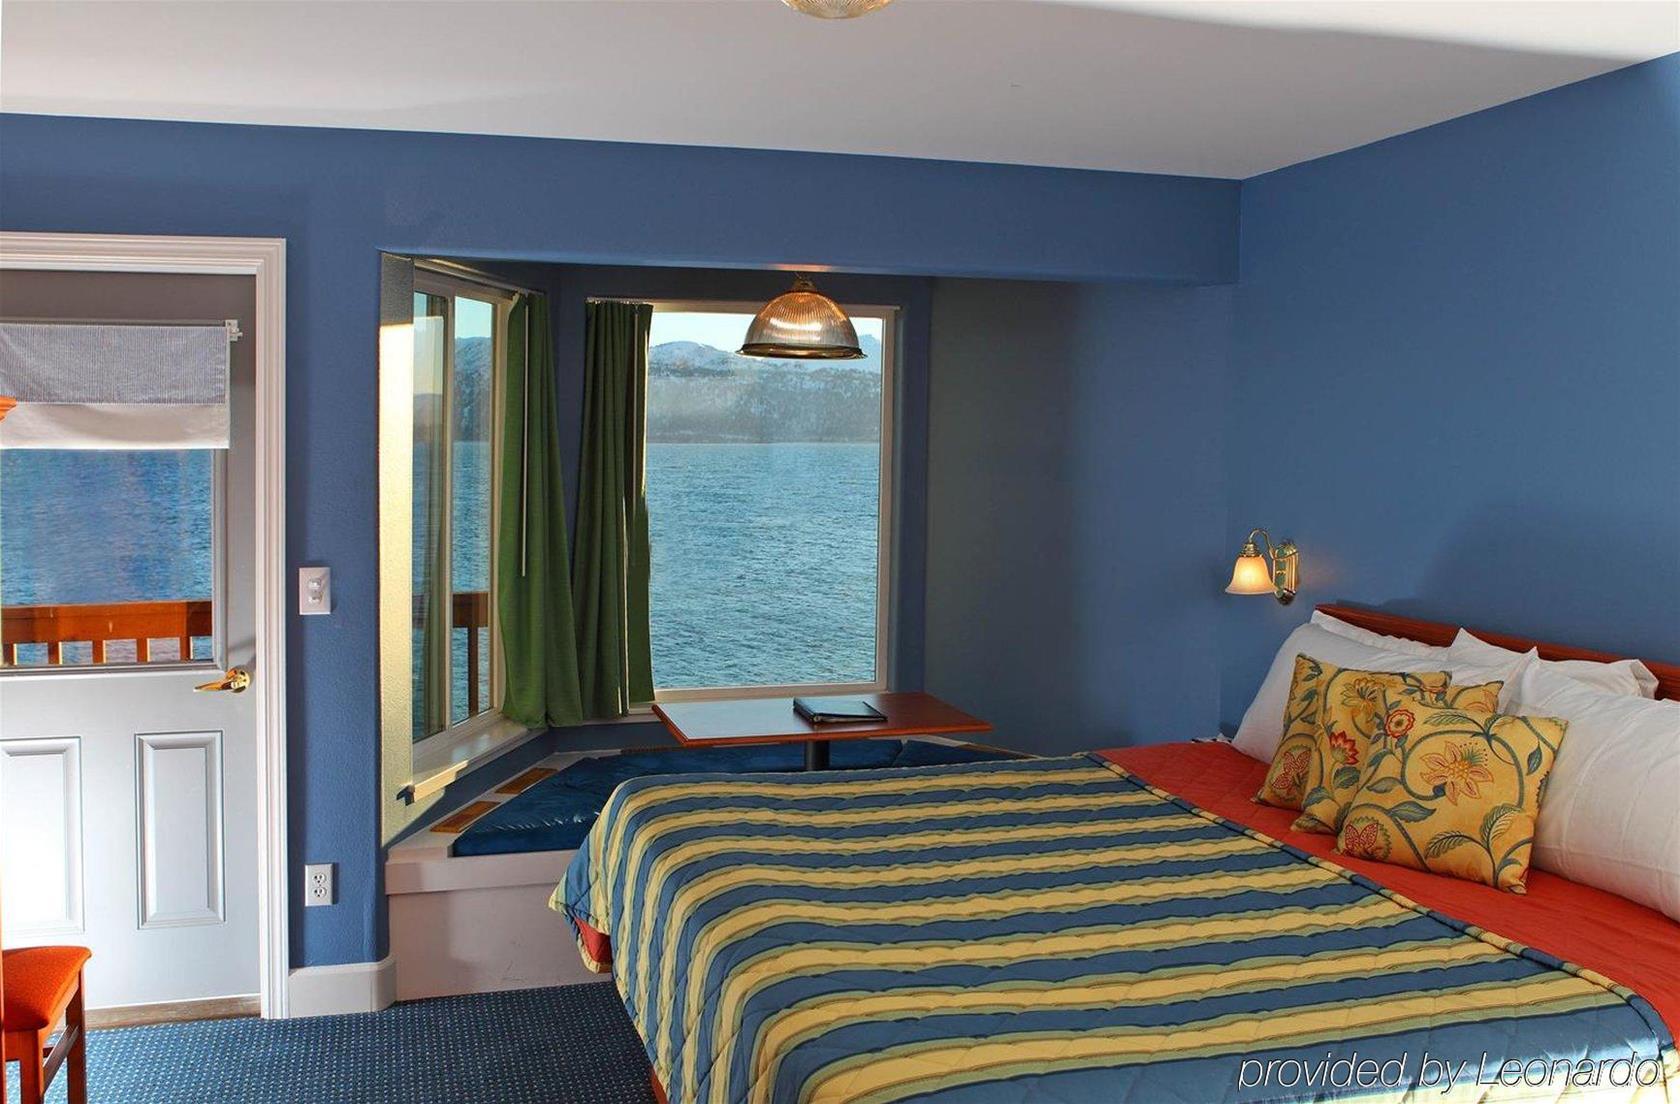 Land's End Resort, Kenai Peninsula